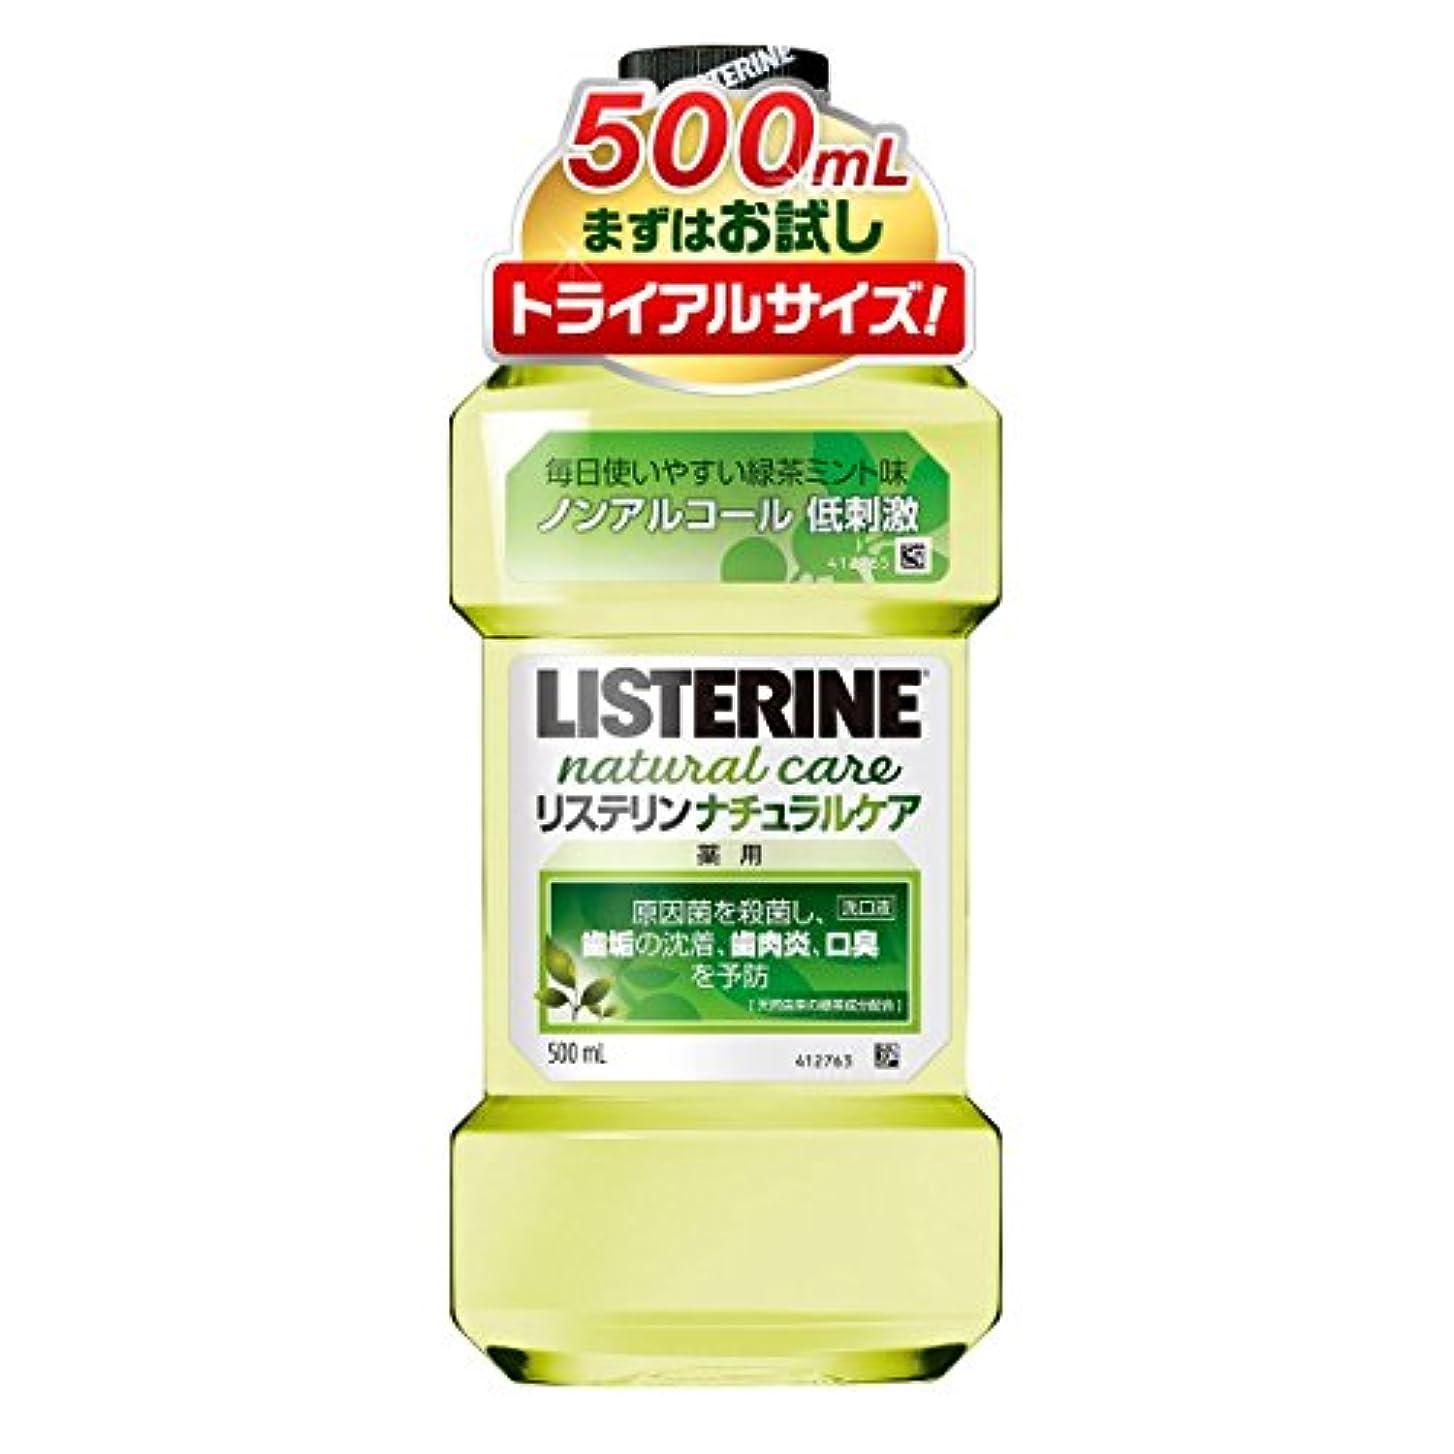 ナインへ宿フリンジ[医薬部外品] 薬用 リステリン マウスウォッシュ ナチュラルケア 500mL ノンアルコールタイプ